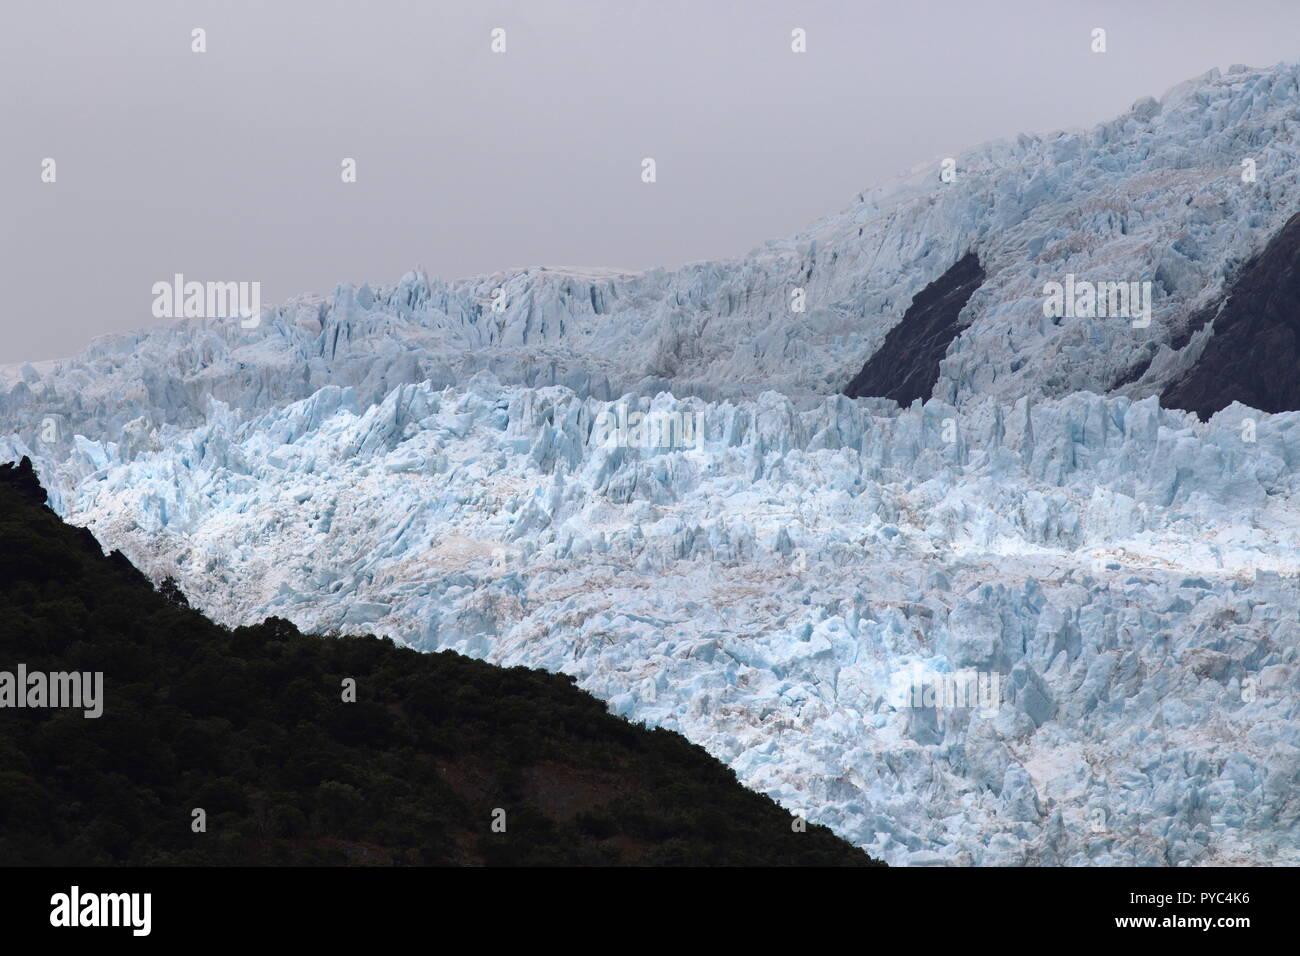 Geologische eisfall Funktion von Franz Josef Gletscher, eine Ansicht aus einem Neuseeland touristischen Ort an der Westküste, Teil des Glacier Peak zugefrorenen Fluss. Stockbild